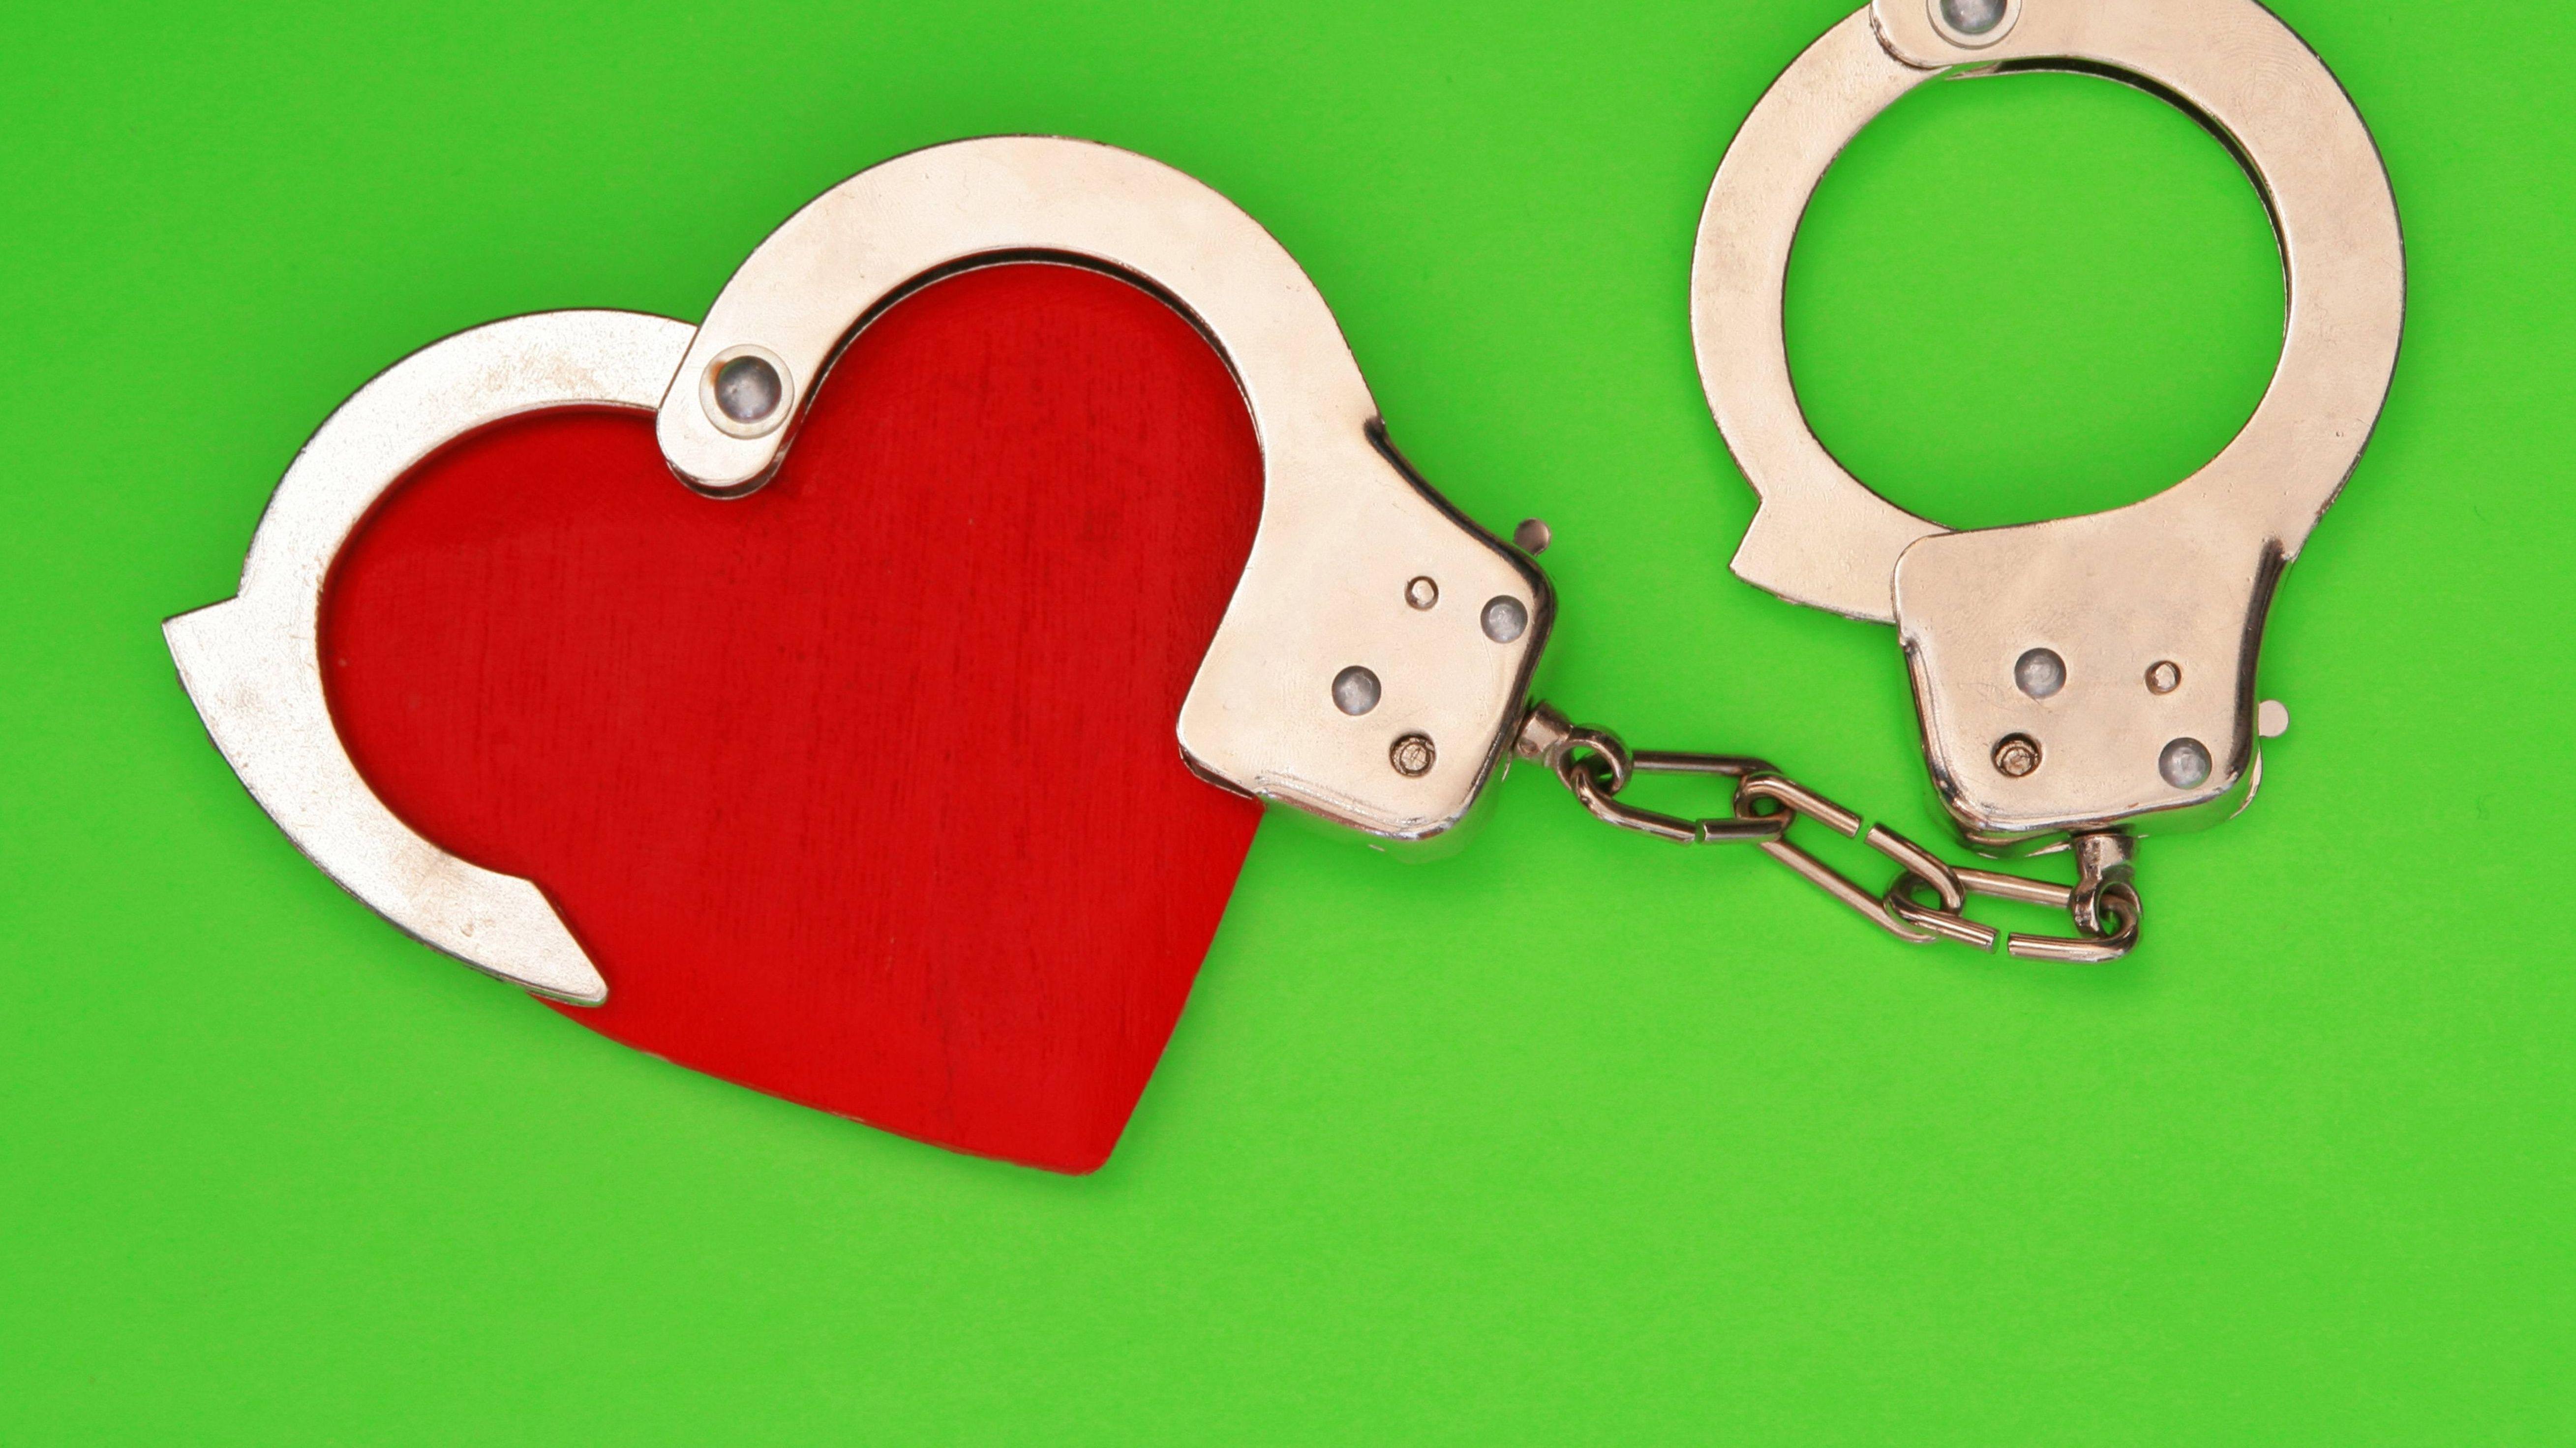 Eine Österreicherin hat sich in einen Münchner verliebt und ihm trotz gerichtlicher Kontaktverbote nachgestellt.